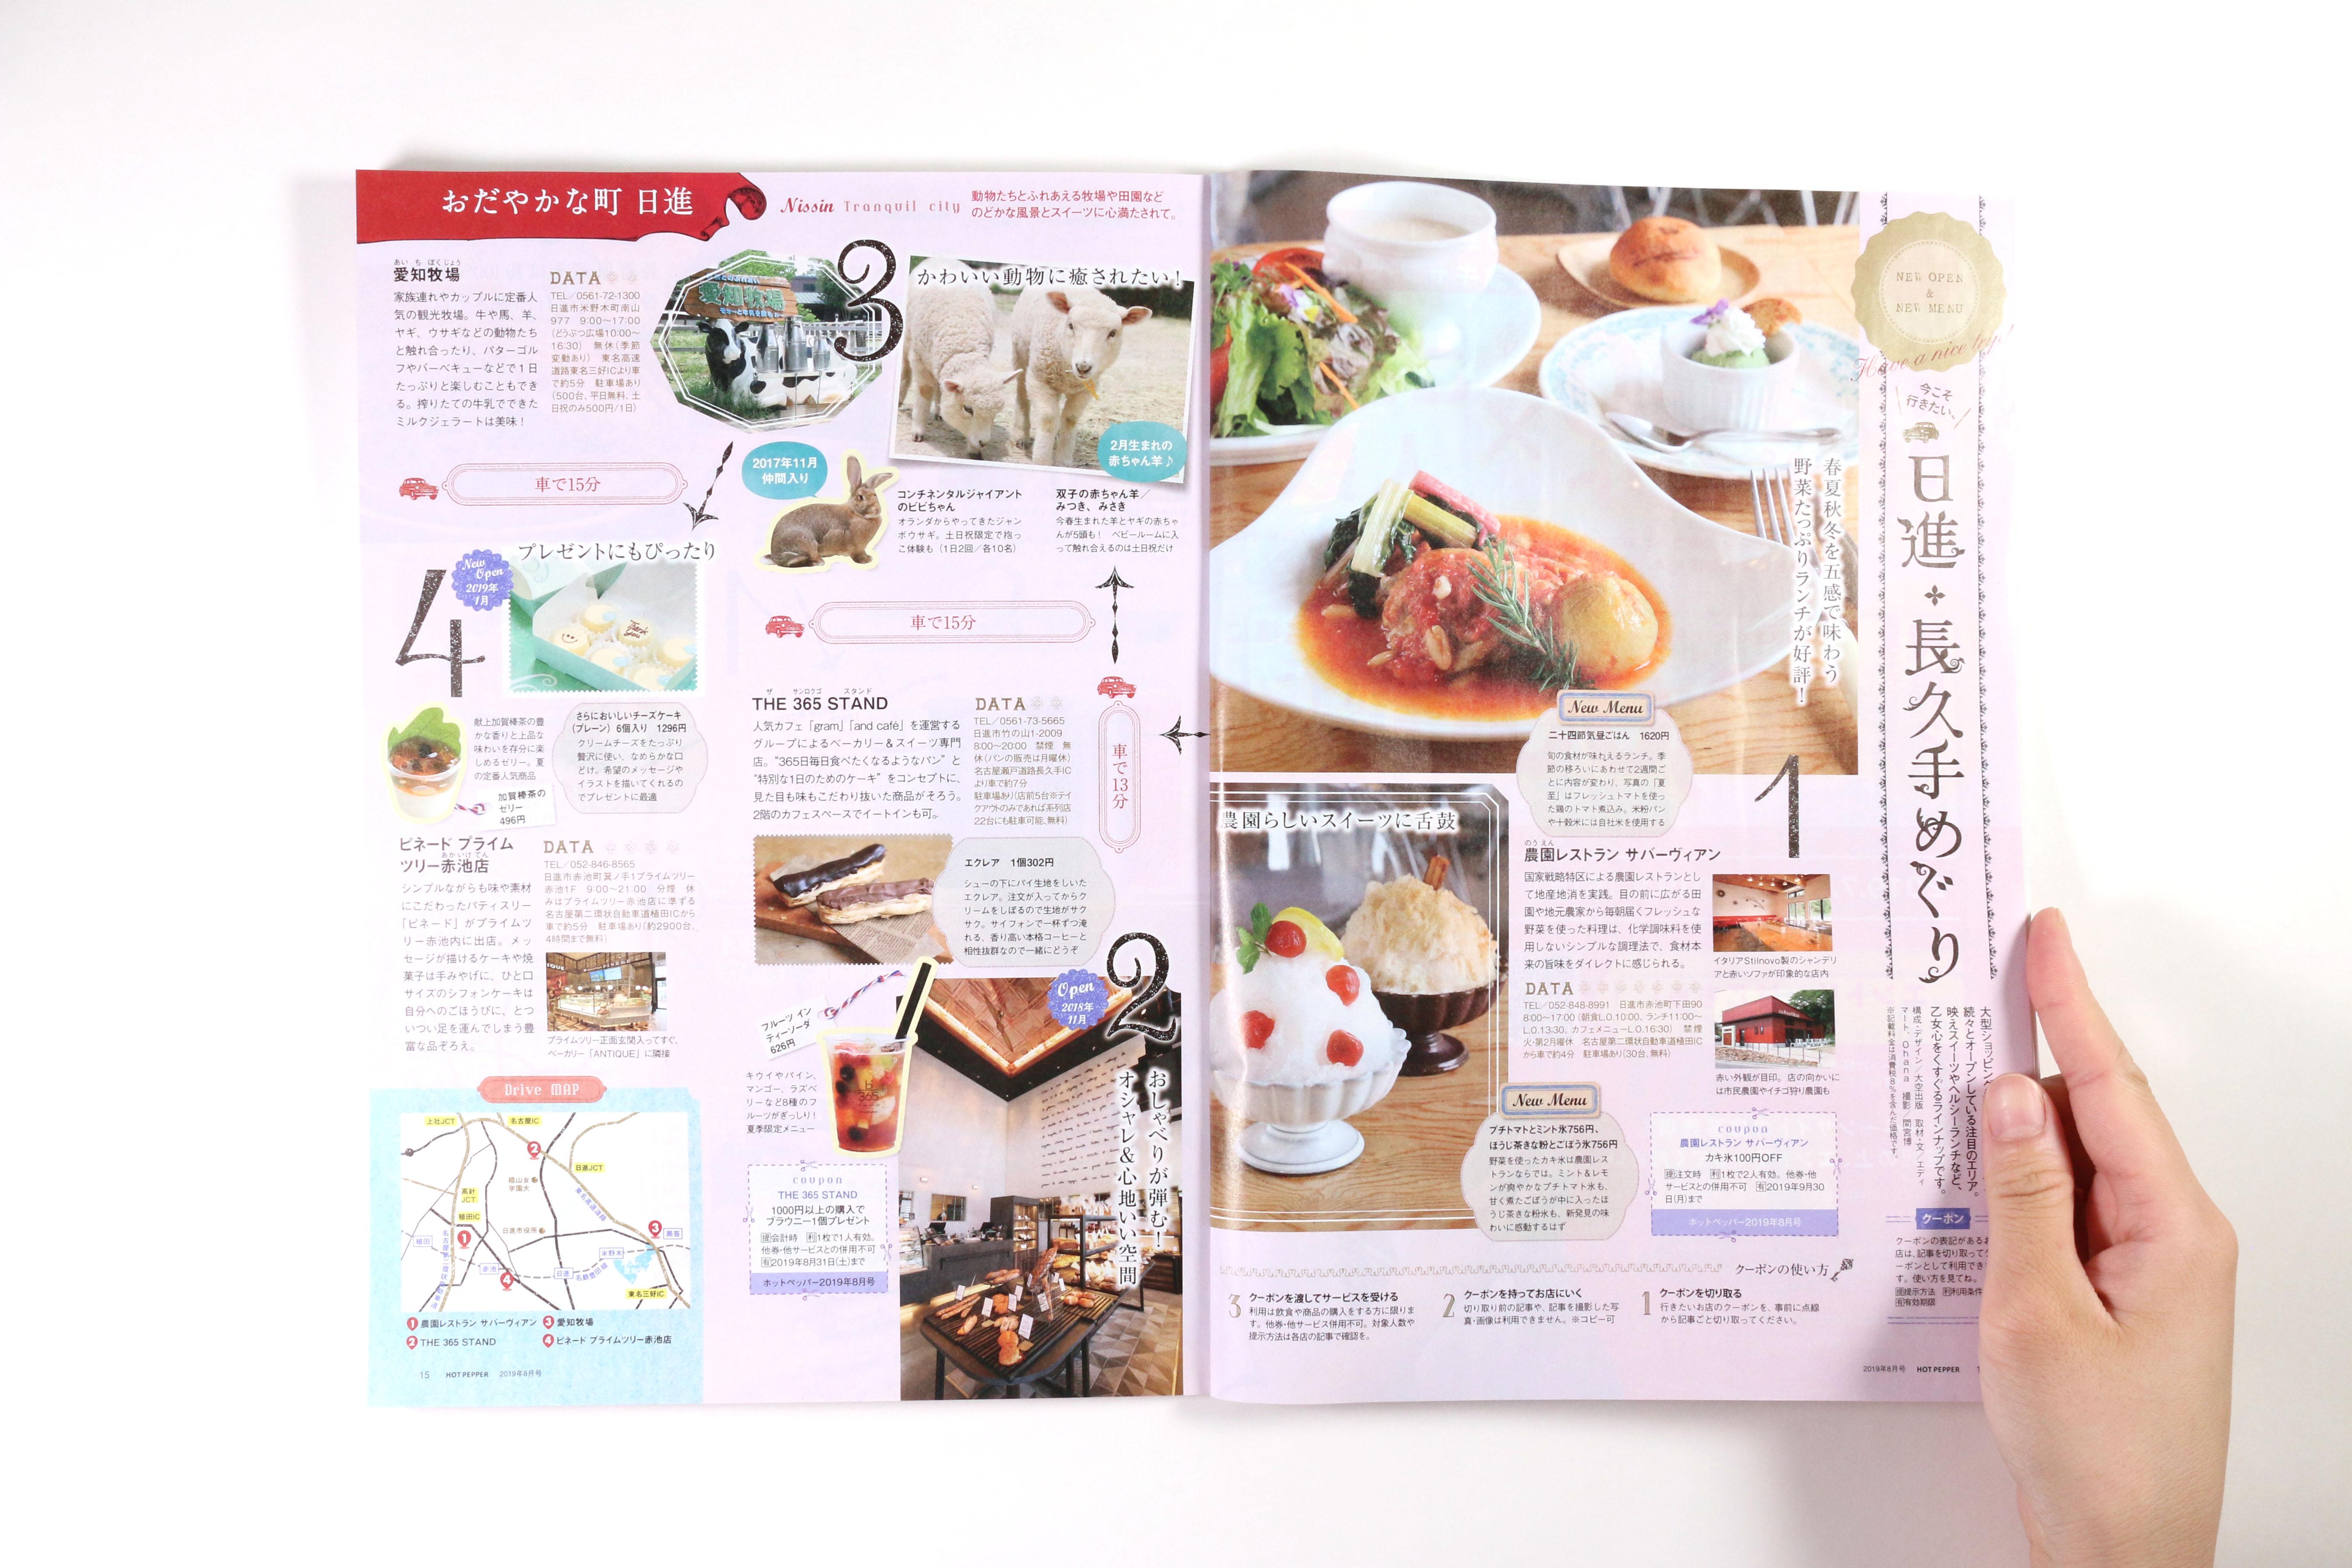 ホットペッパー名古屋8月号のグルメ特集ページ